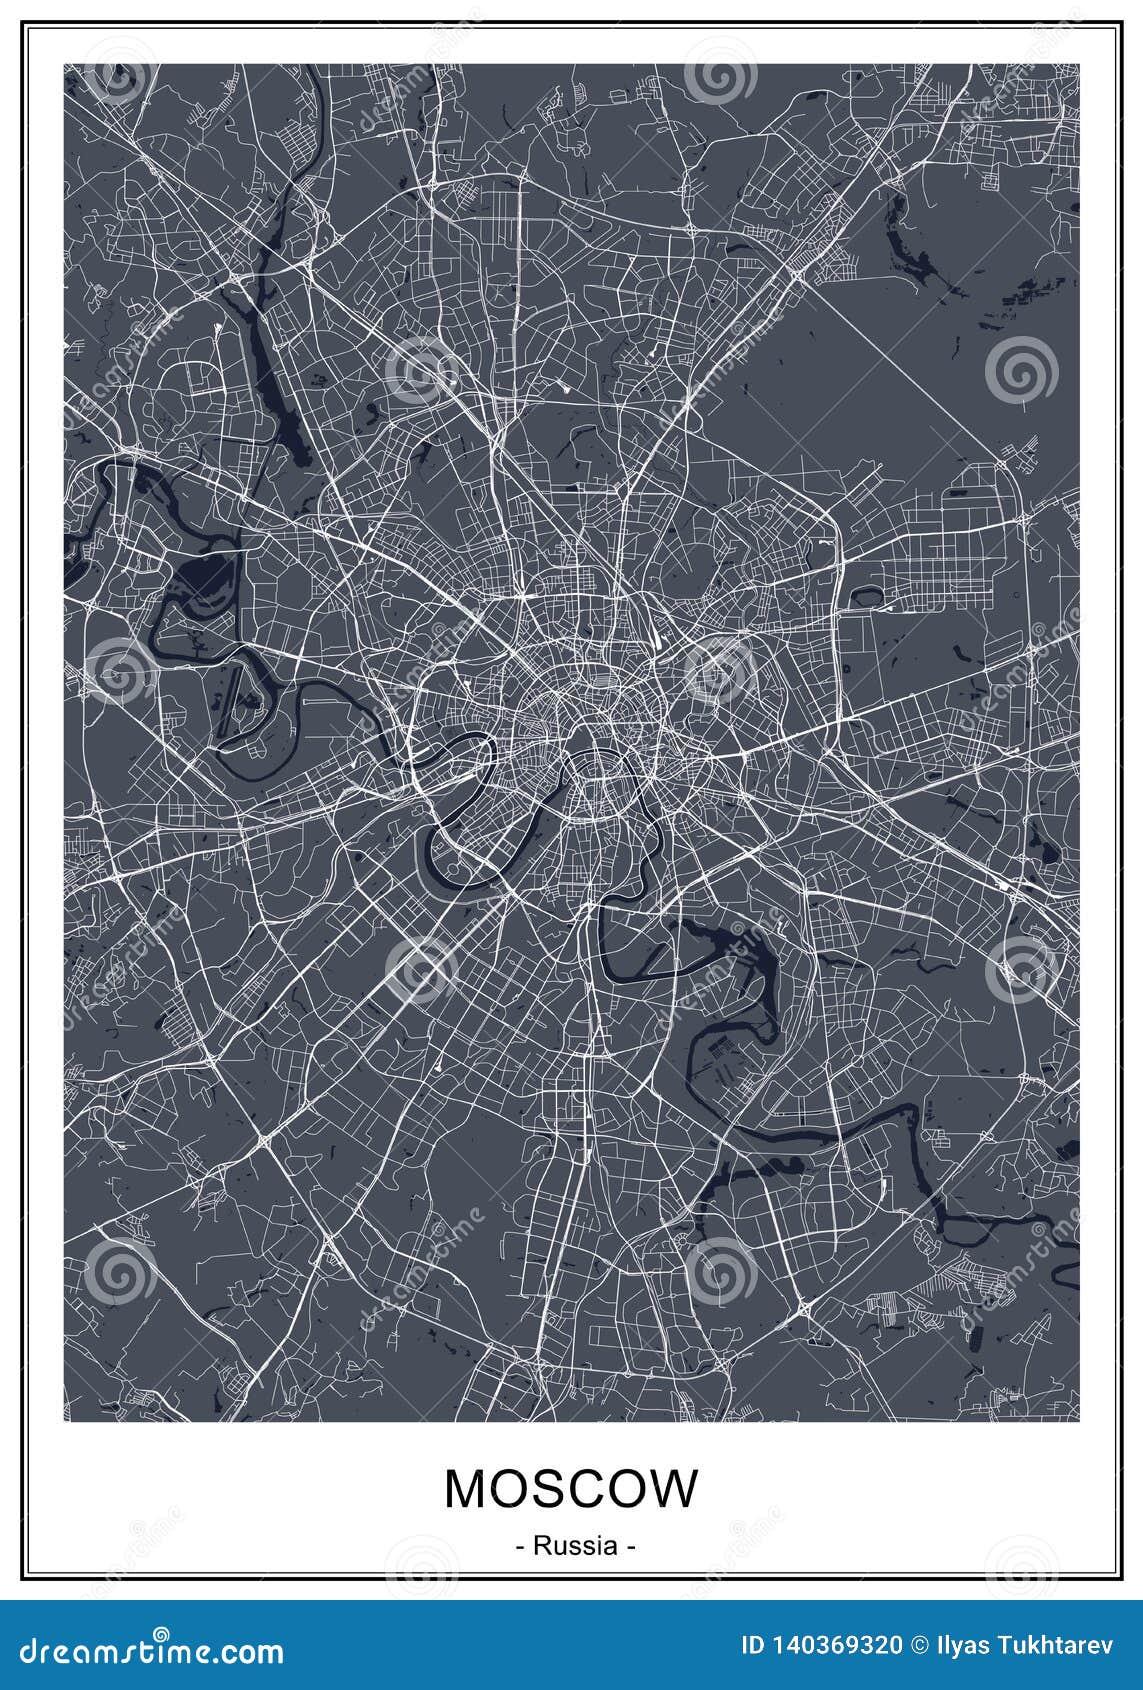 Χάρτης της πόλης της Μόσχας, Ρωσία